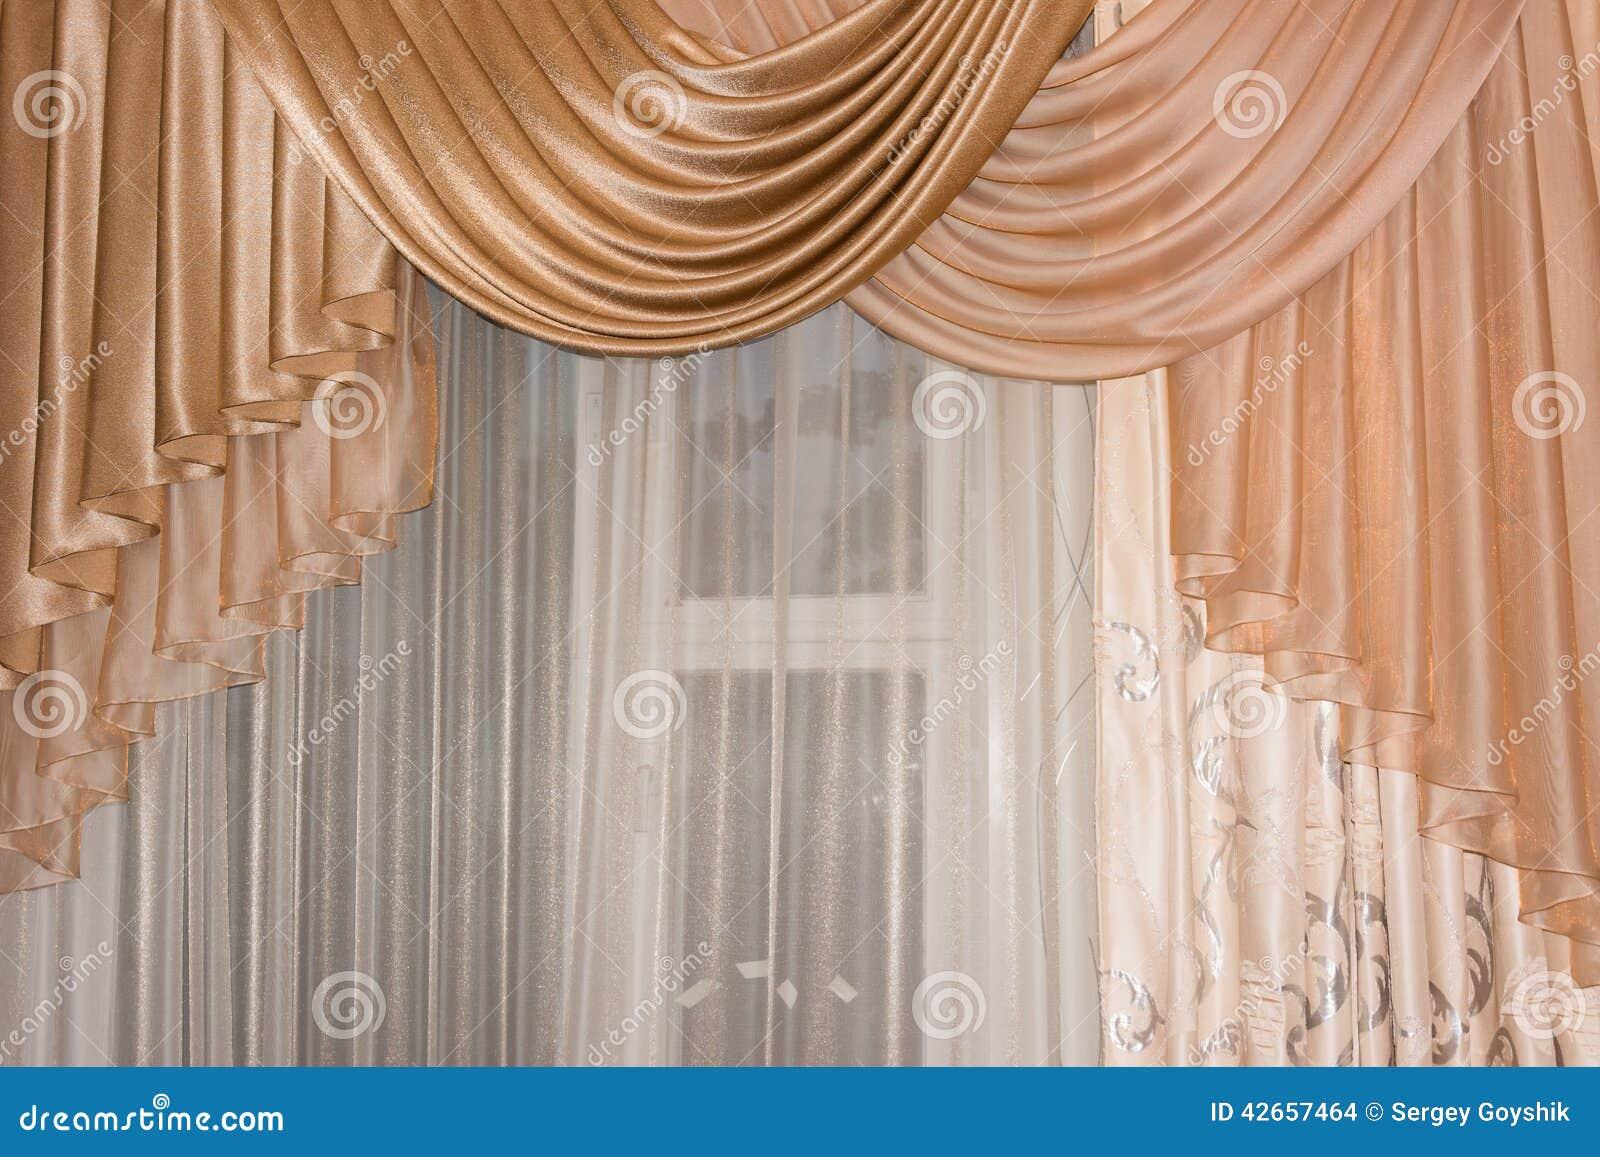 ouvrez la couleur d 39 or de lambrequin portiere rideau. Black Bedroom Furniture Sets. Home Design Ideas